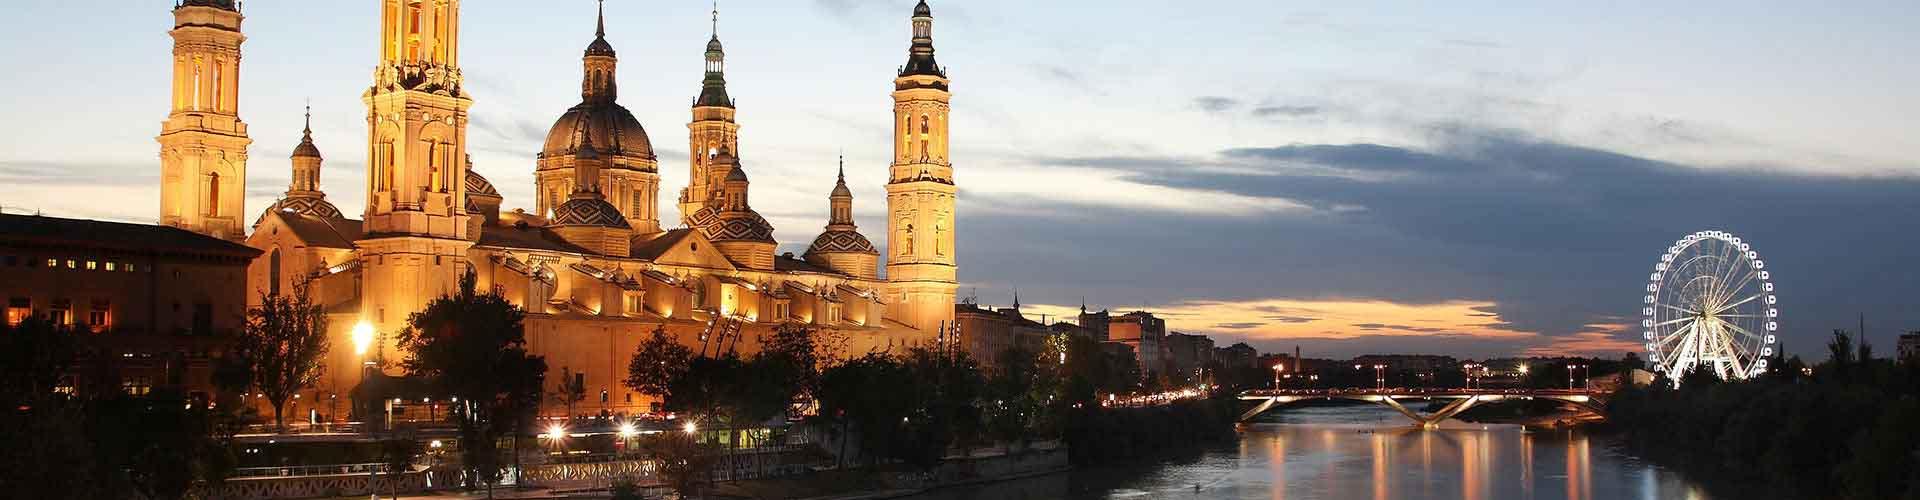 Zaragoza - Hoteles baratos en el distrito Parque Roma. Mapas de Zaragoza, Fotos y comentarios de cada Hotel barato en Zaragoza.